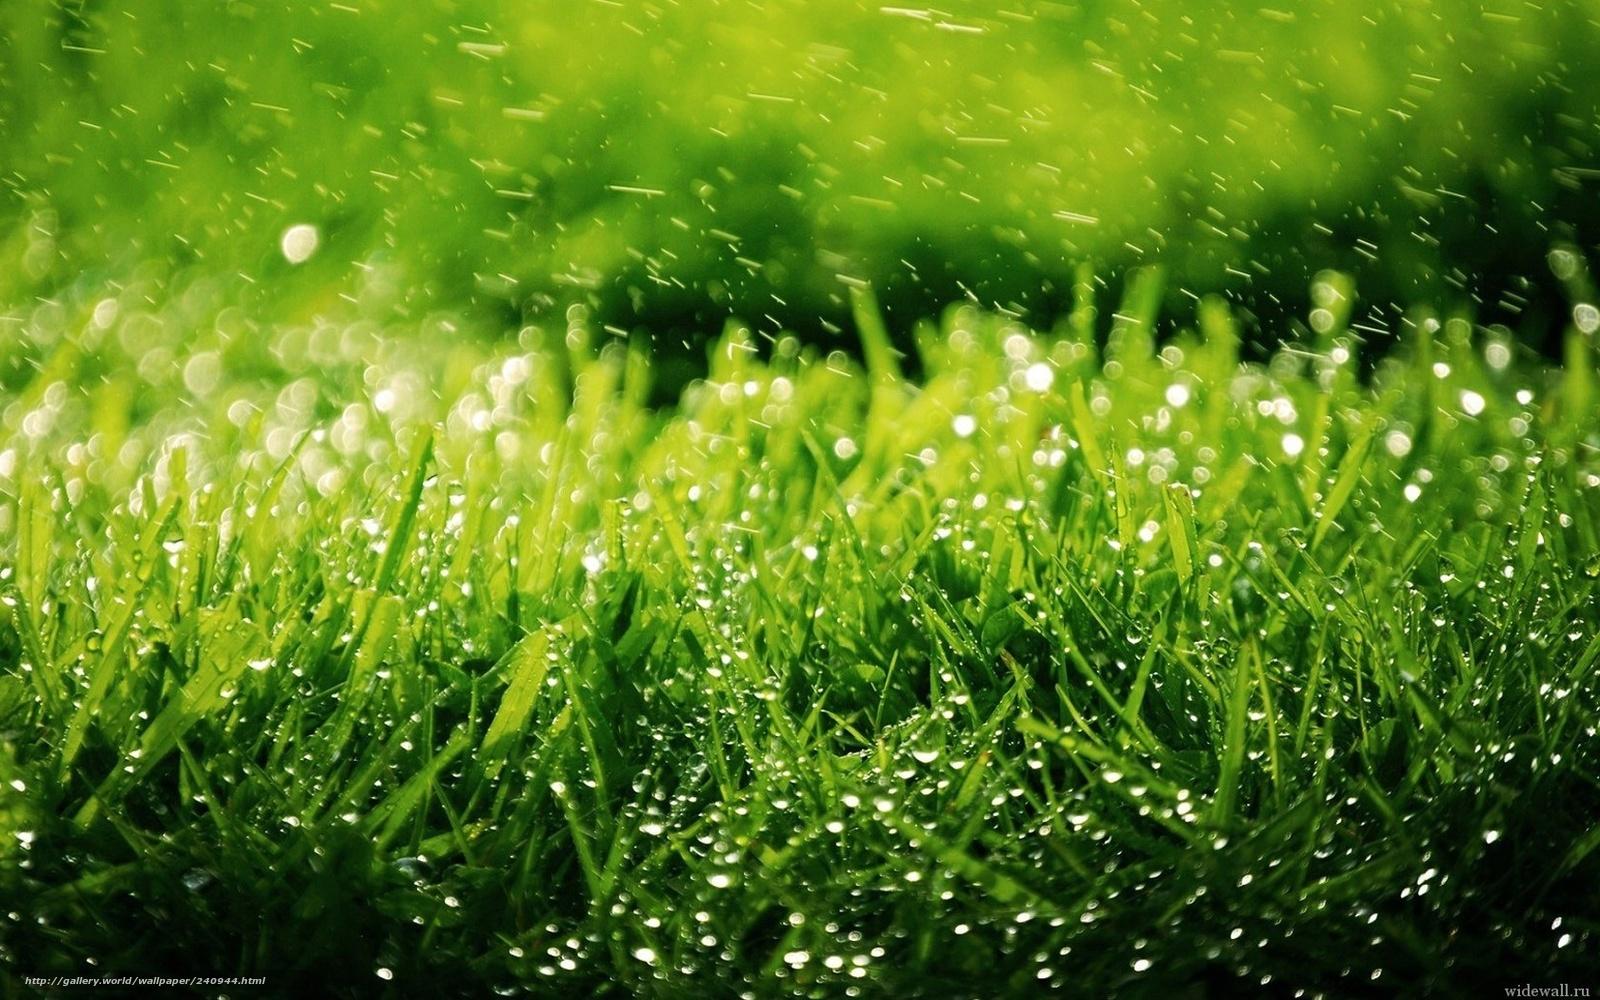 Скачать обои трава, зелень, капли ...: ru.gde-fon.com/download/trava_-zelen_-kapli_-dozhd_-priroda/240944...